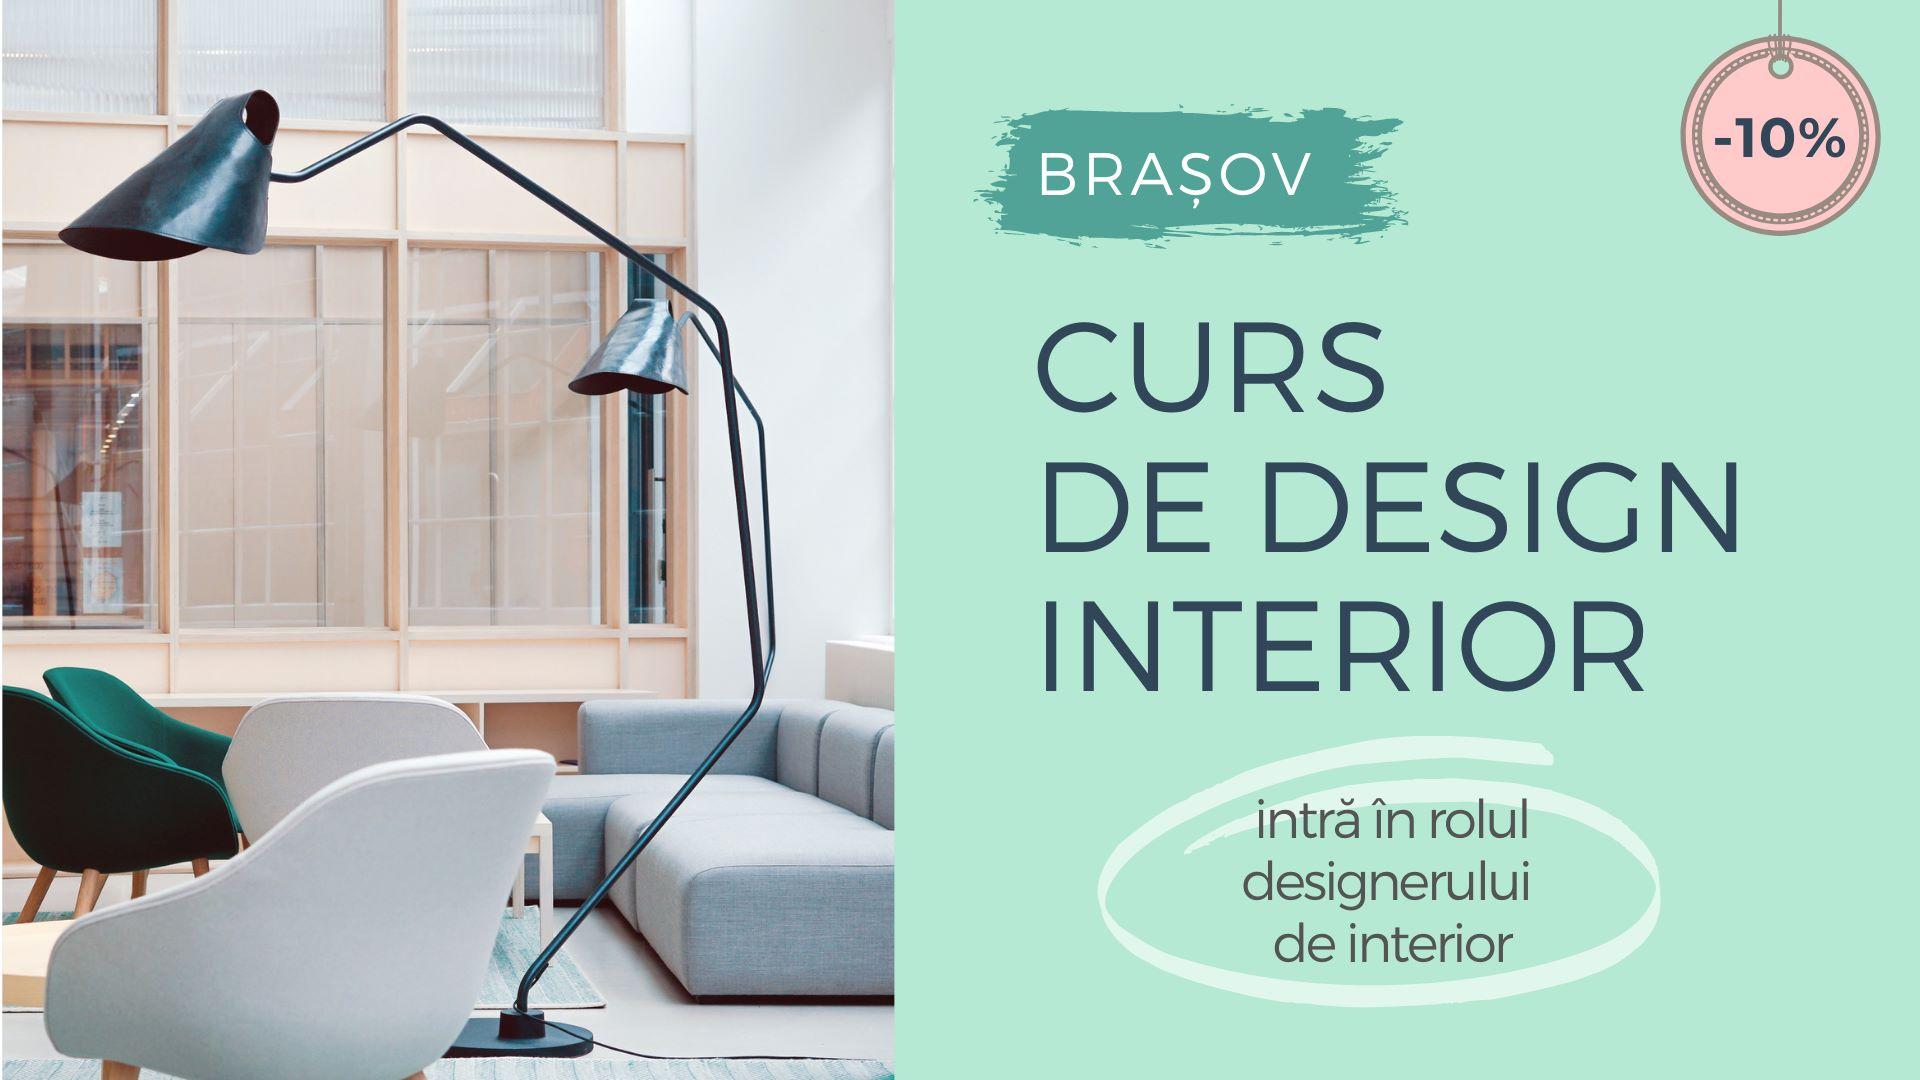 Curs Design Interior | Brașov cu Designist.ro